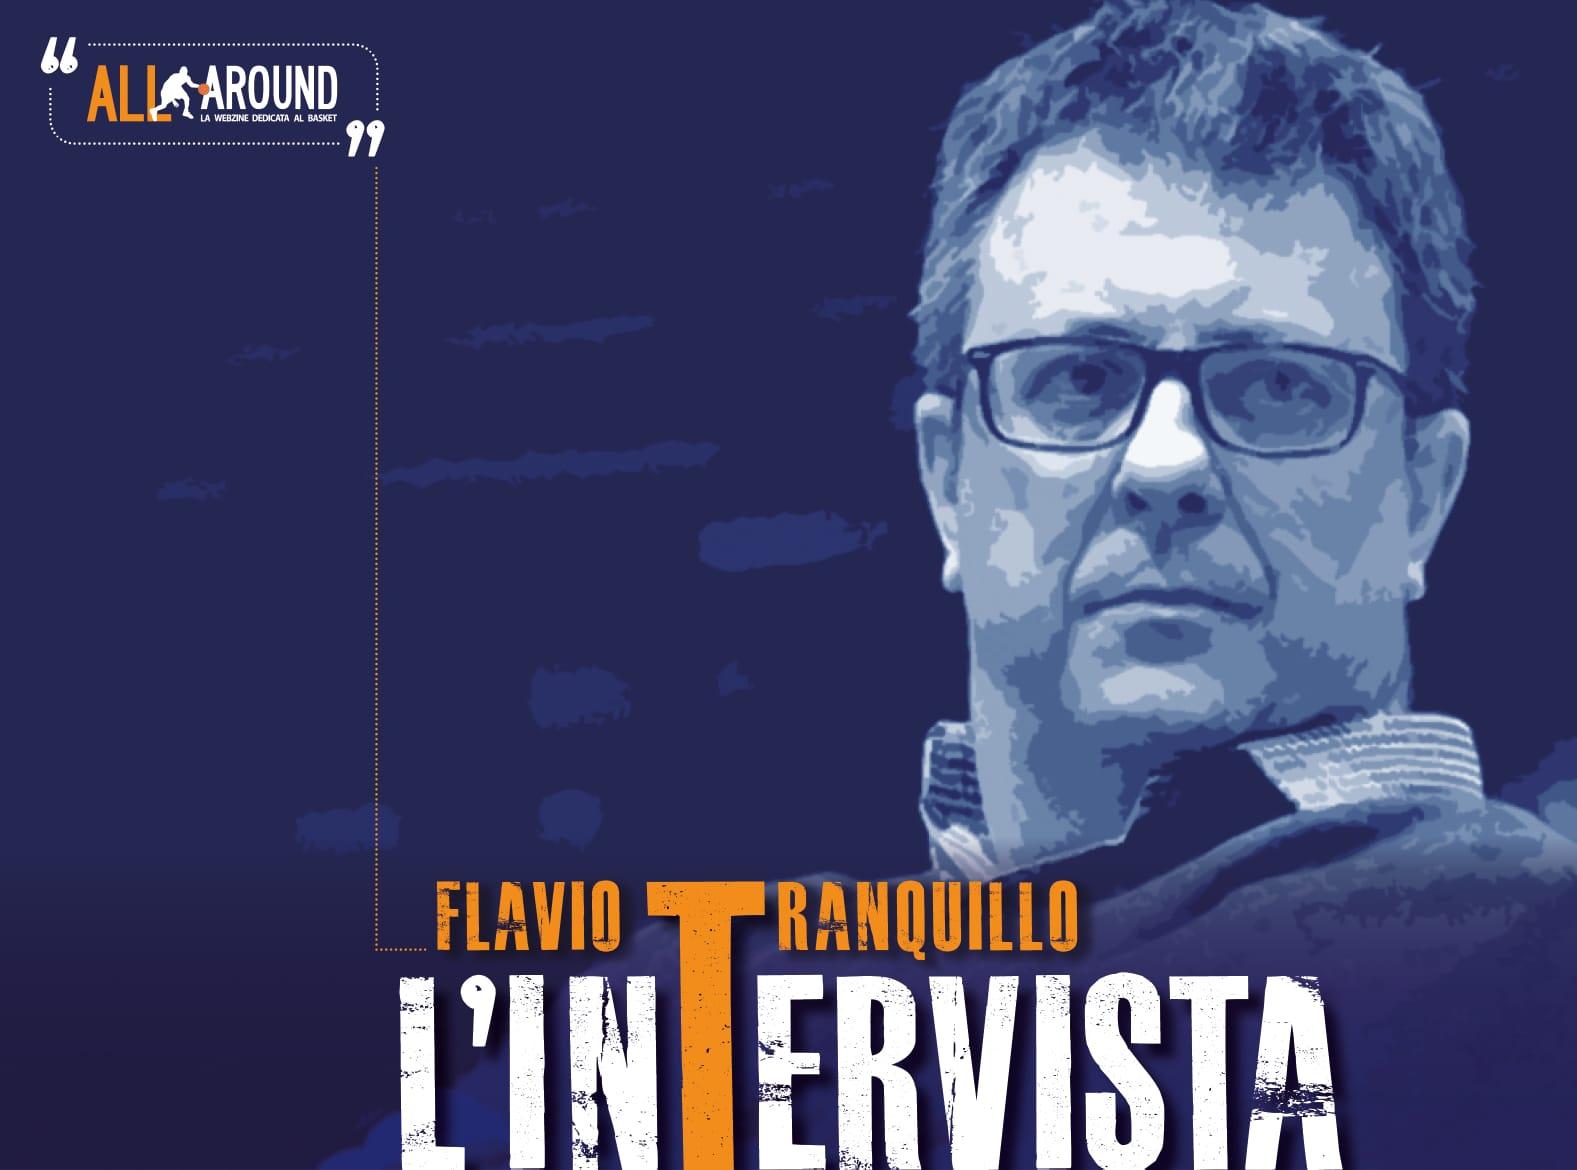 TriplaDoppia by All-Around.net 2019-20: 29^Puntata di TriplaDoppia con il Numero Uno dei giornalisti di basket in Italia, al secolo Flavio Tranquillo